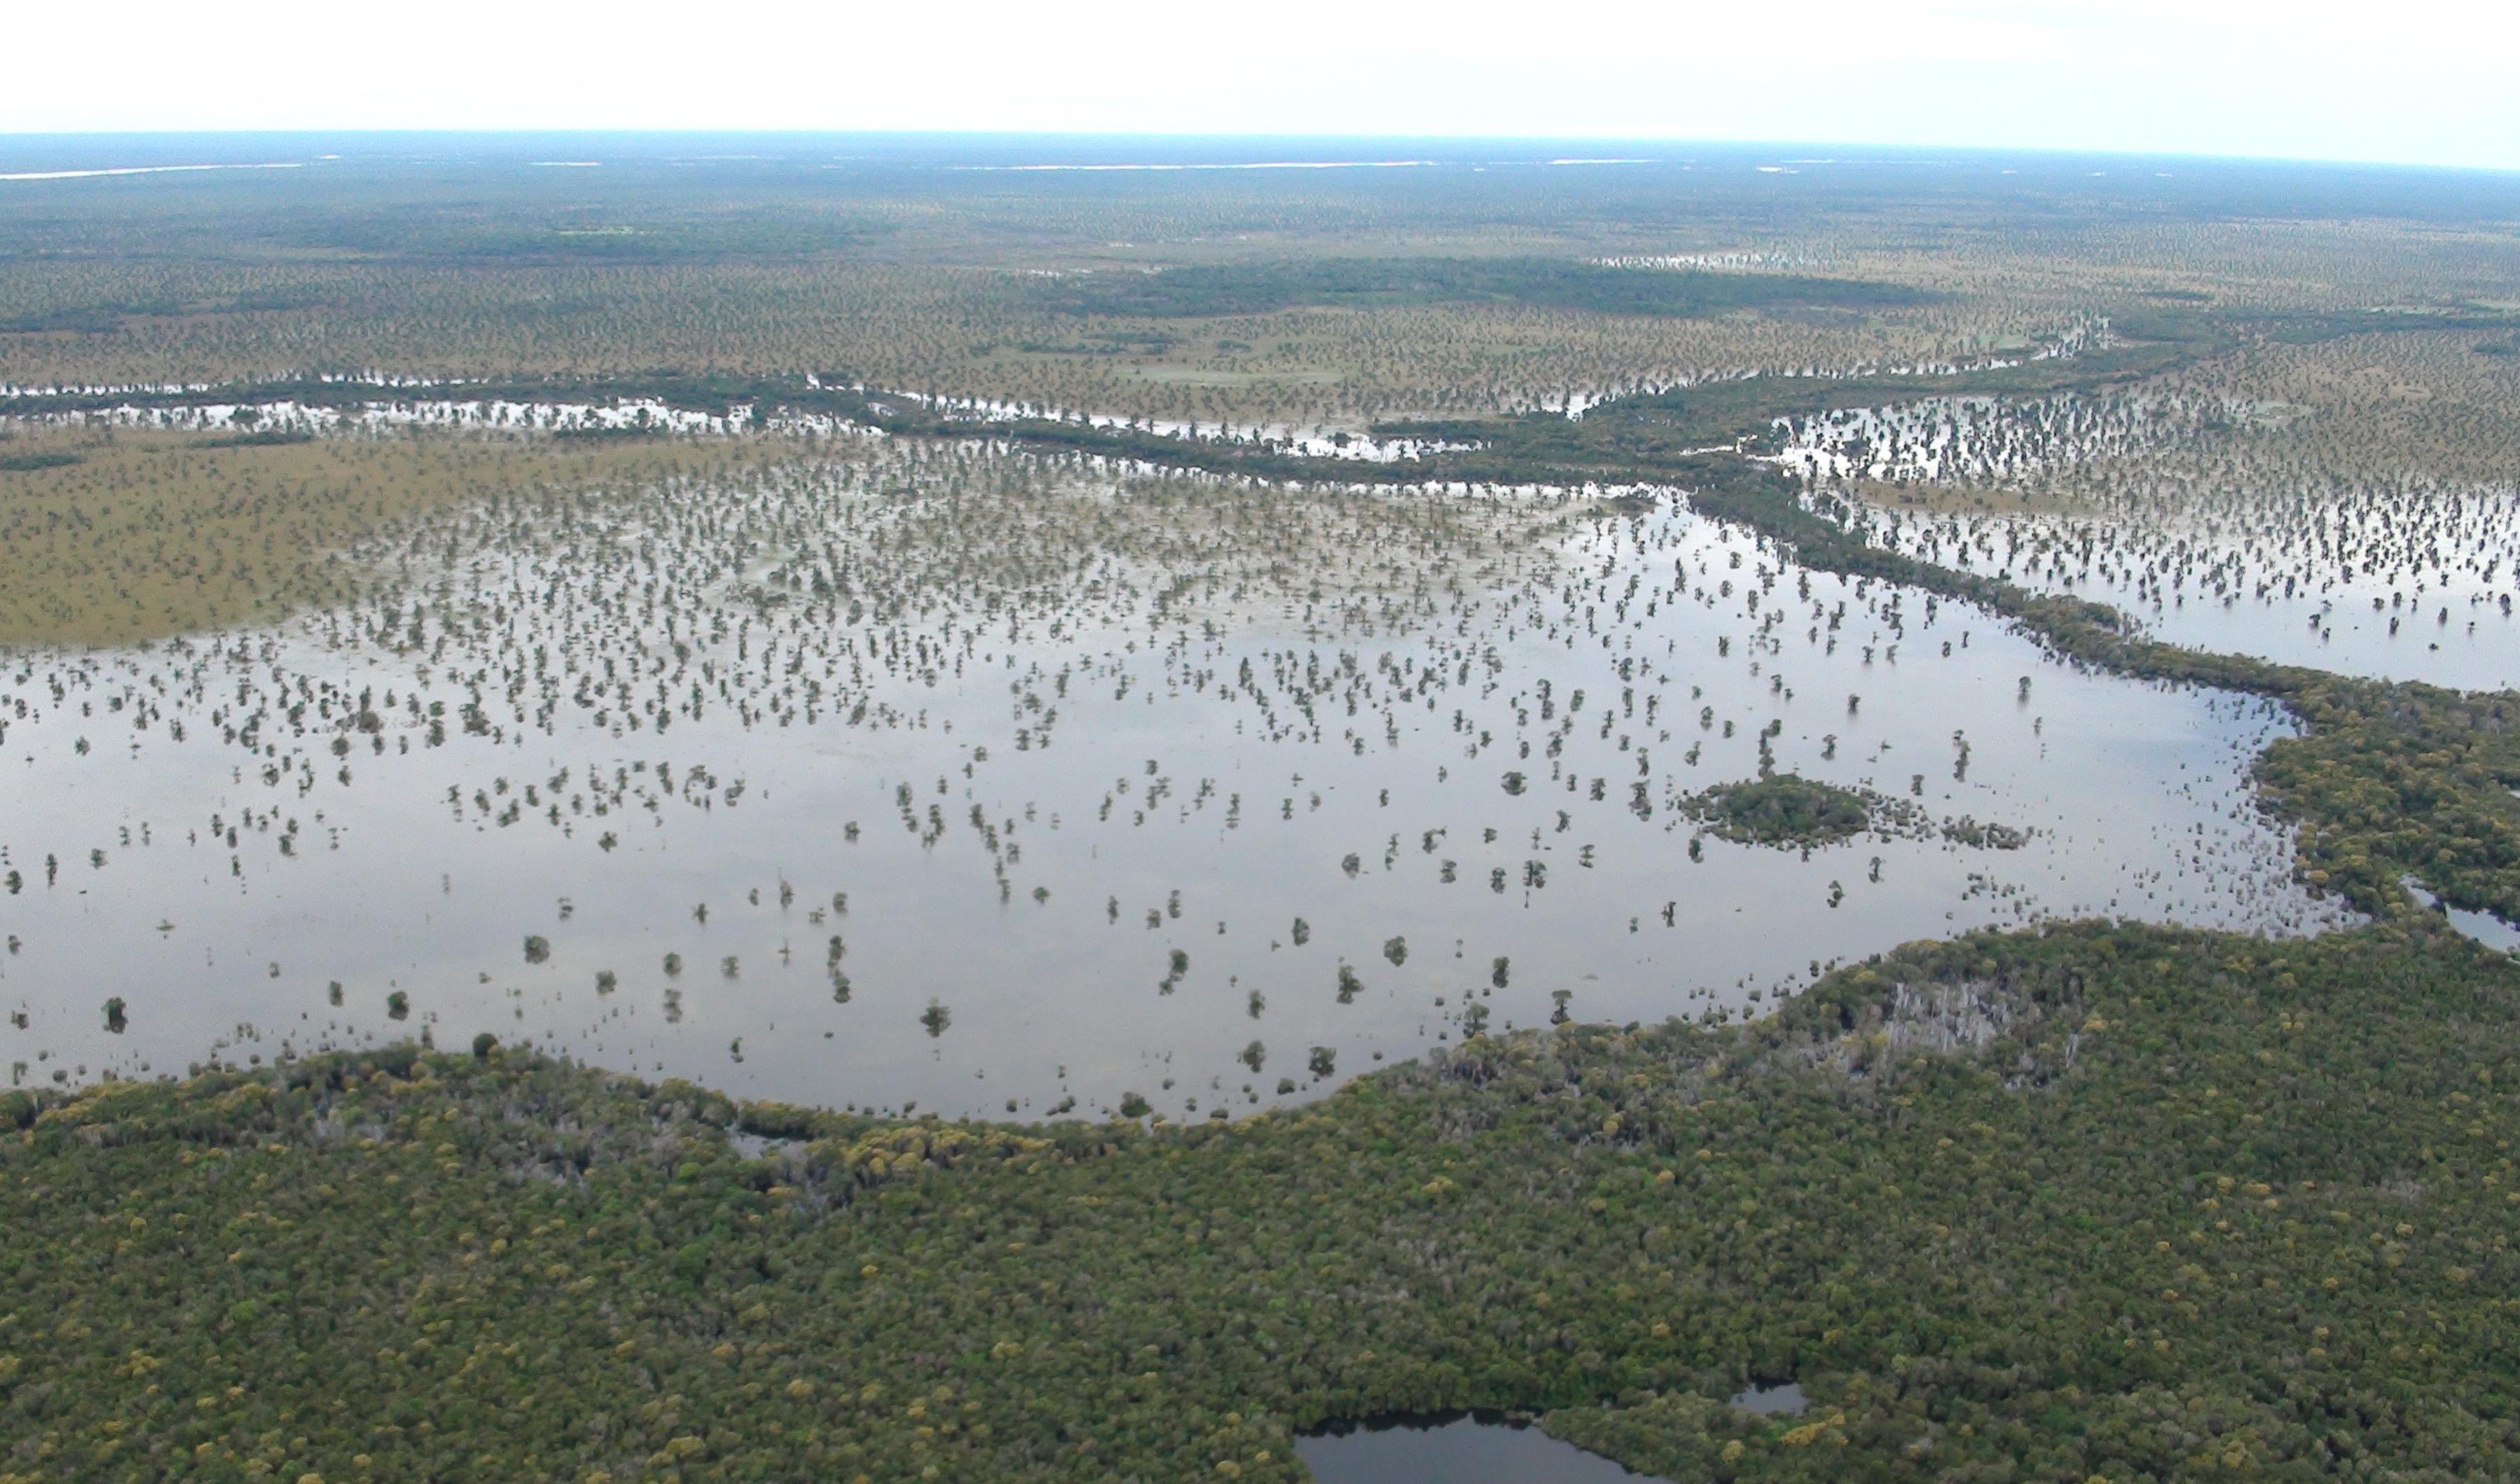 Método criado por brasileiros e alemães ajudará a prevenir enchentes no Andes